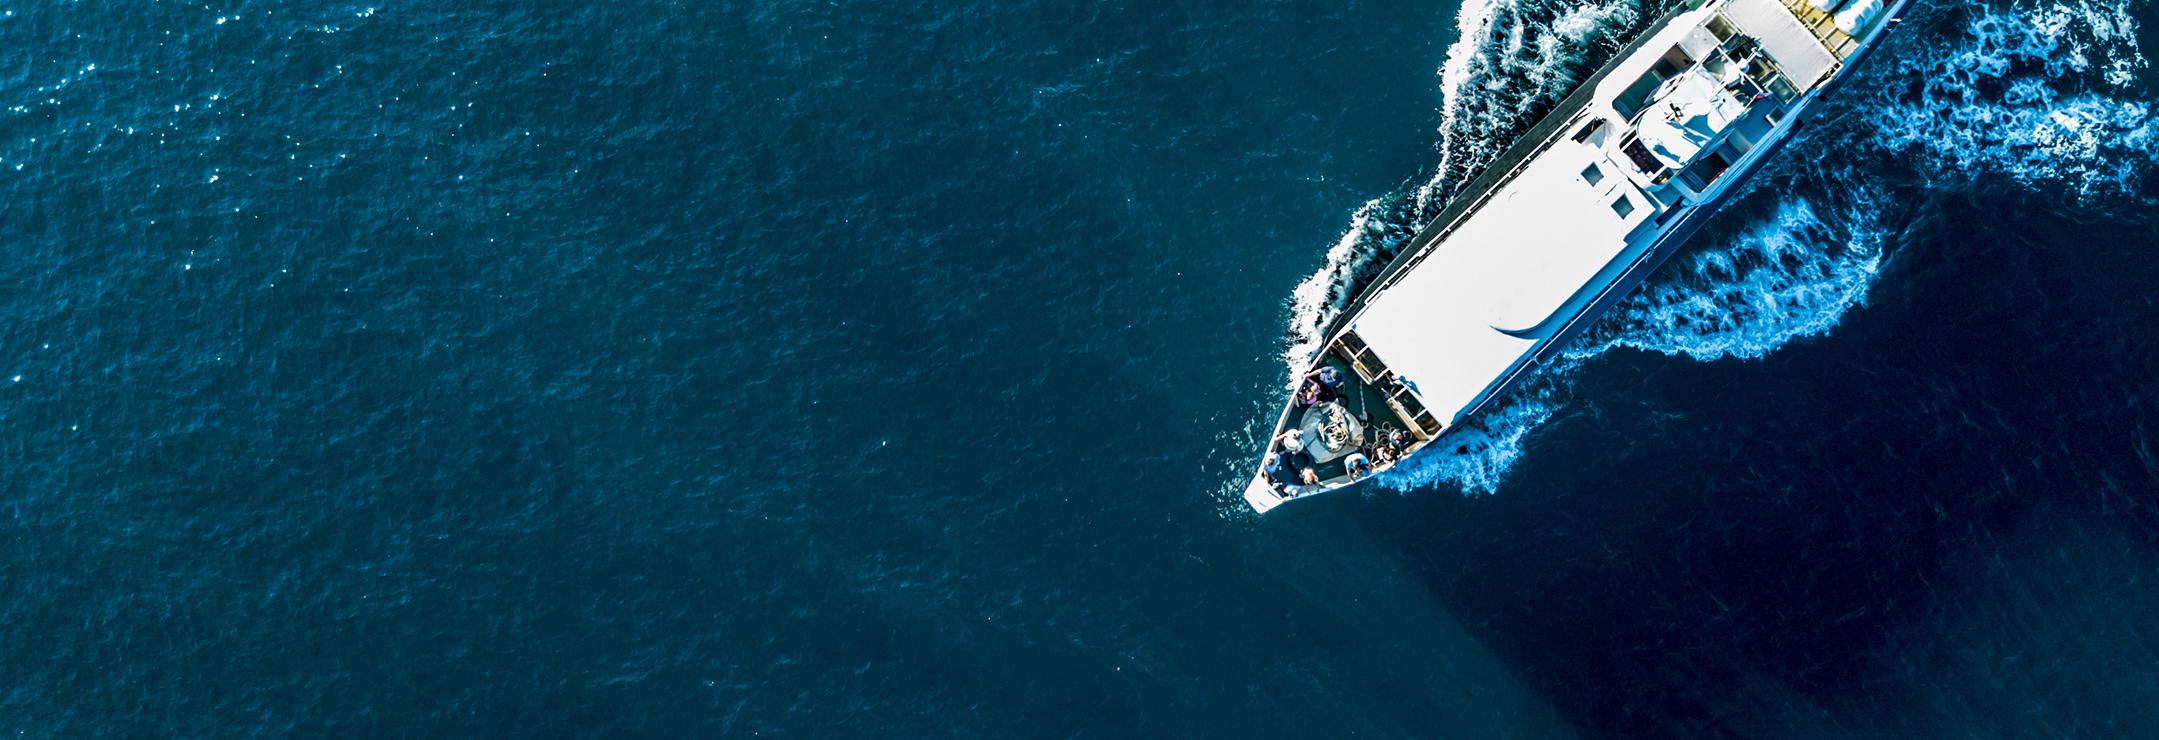 HEFKO Products - ALSIUS - Marine Klima- und Kälteanlagen für alle Schiffstypen